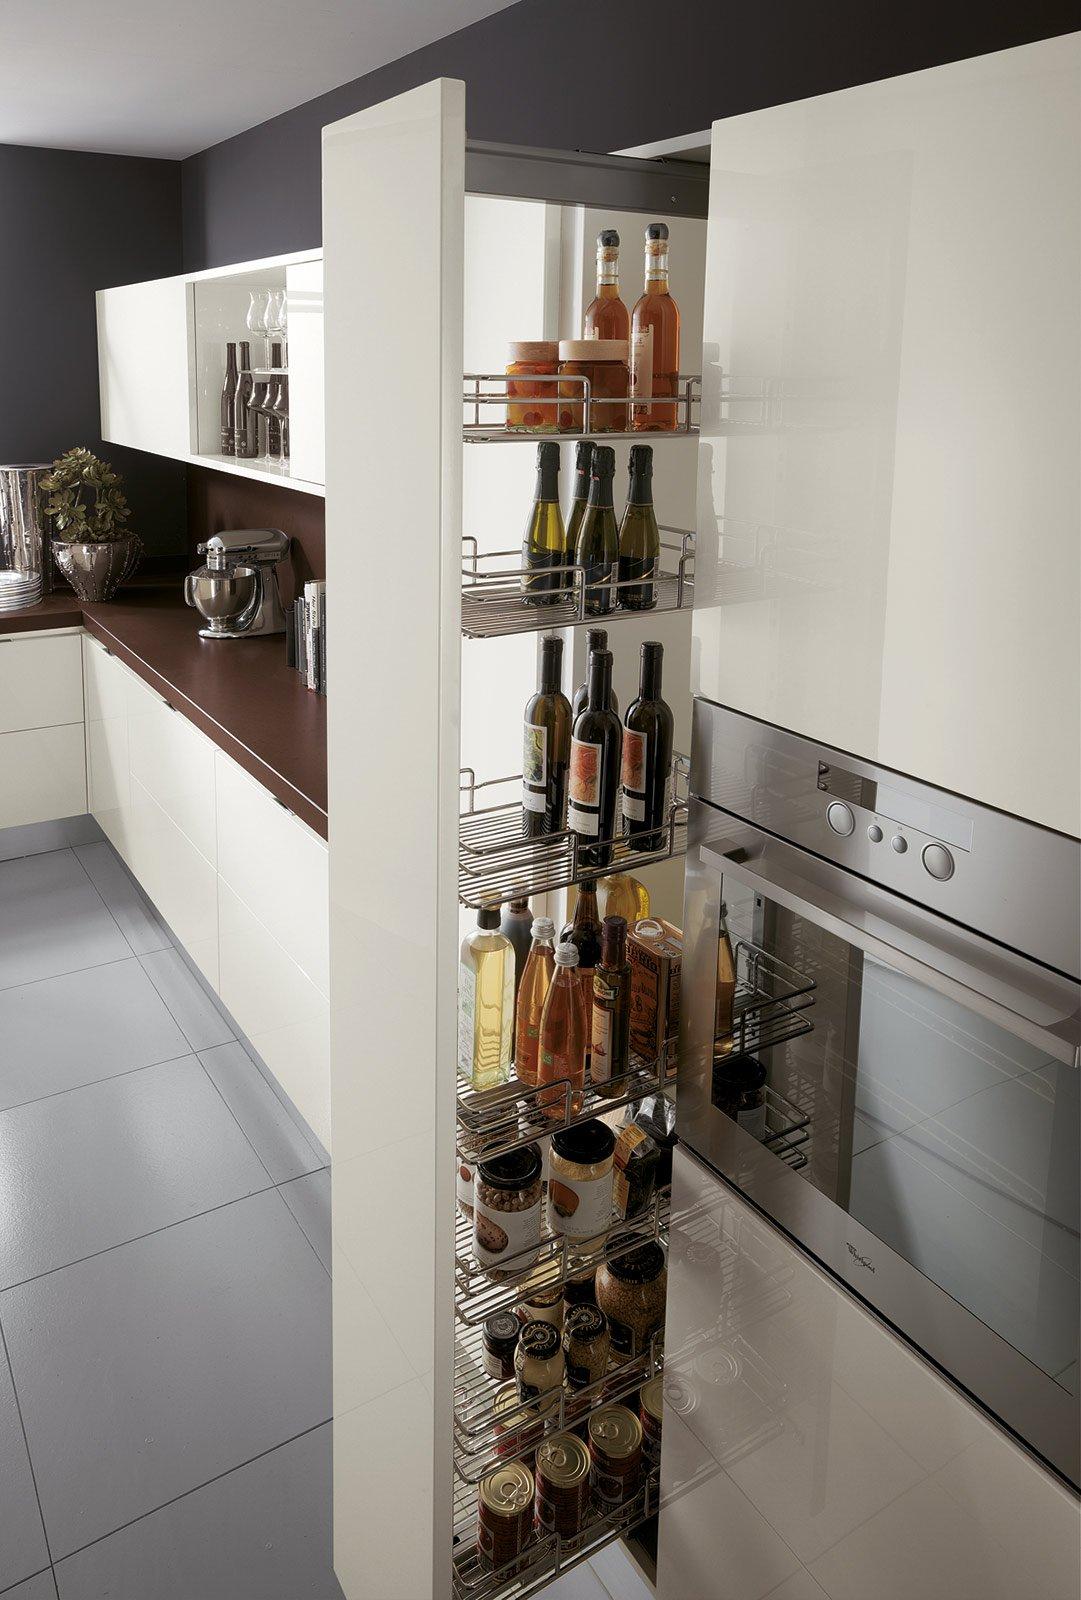 cucina: che moduli scelgo per la dispensa - cose di casa - Cestelli Estraibili Per Cucine